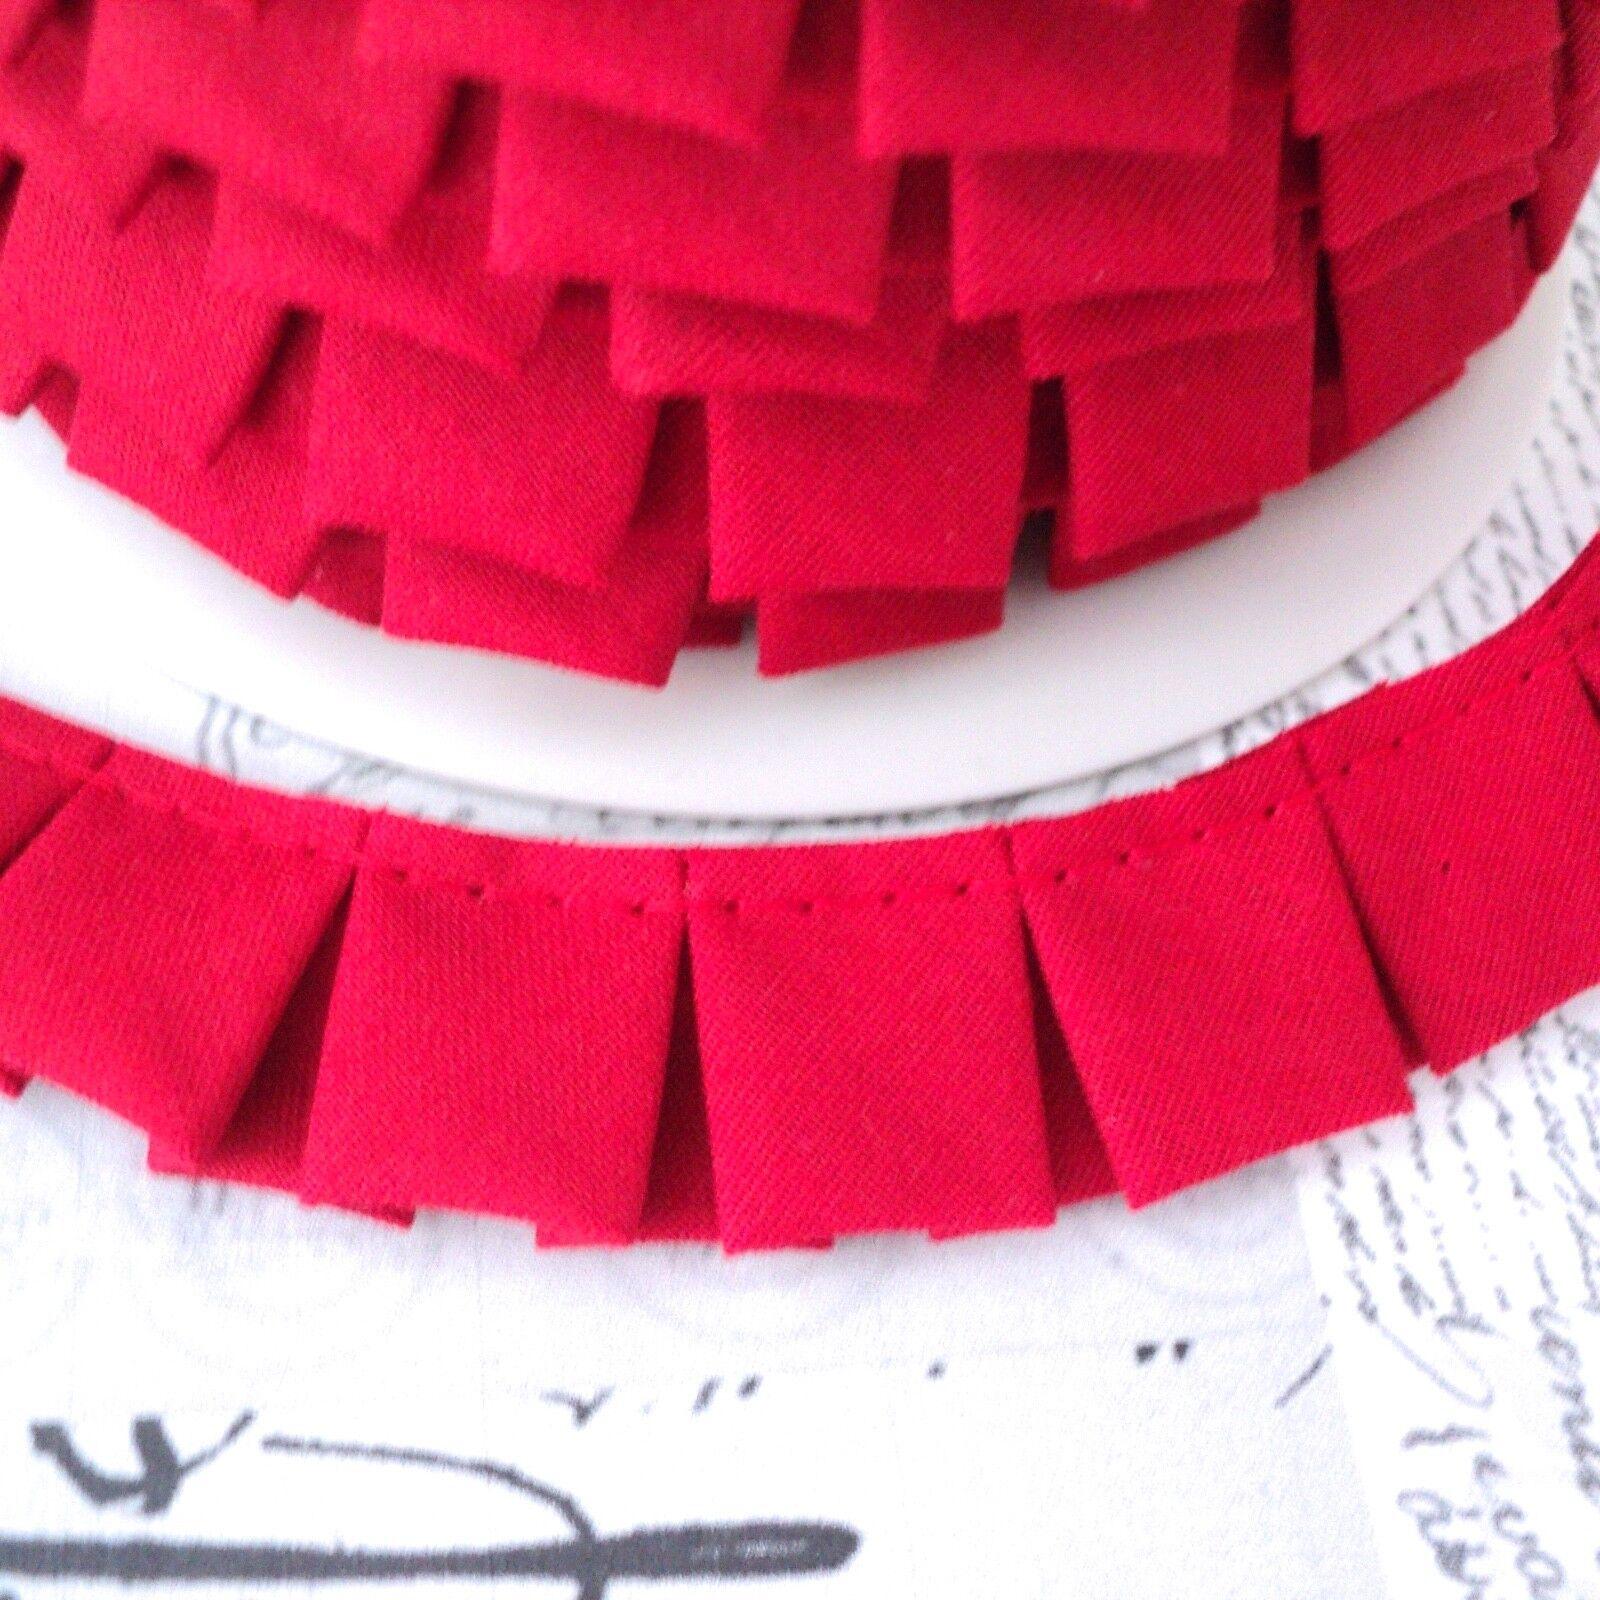 Réunis festonné edge trim-lime 56-tissu de coton